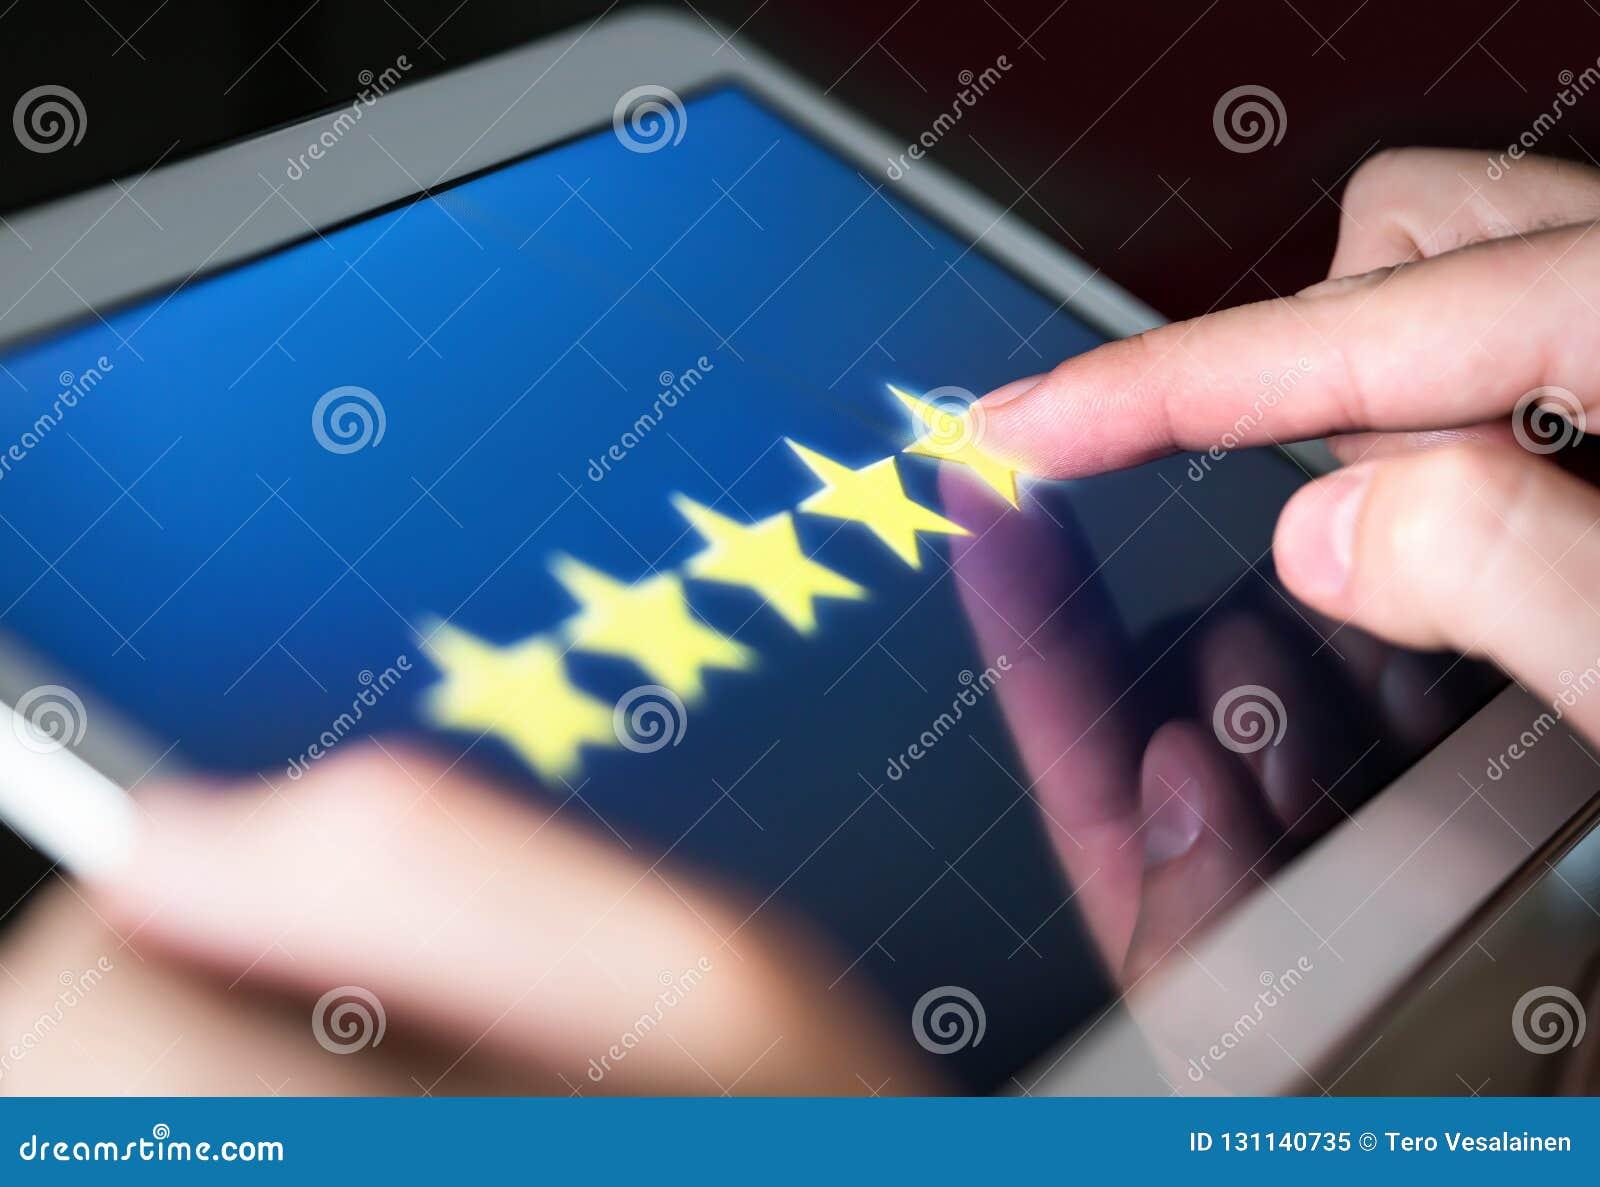 Valutazione o rassegna cinque stelle nell indagine, nello scrutinio, in questionario o nella ricerca di soddisfazione del cliente